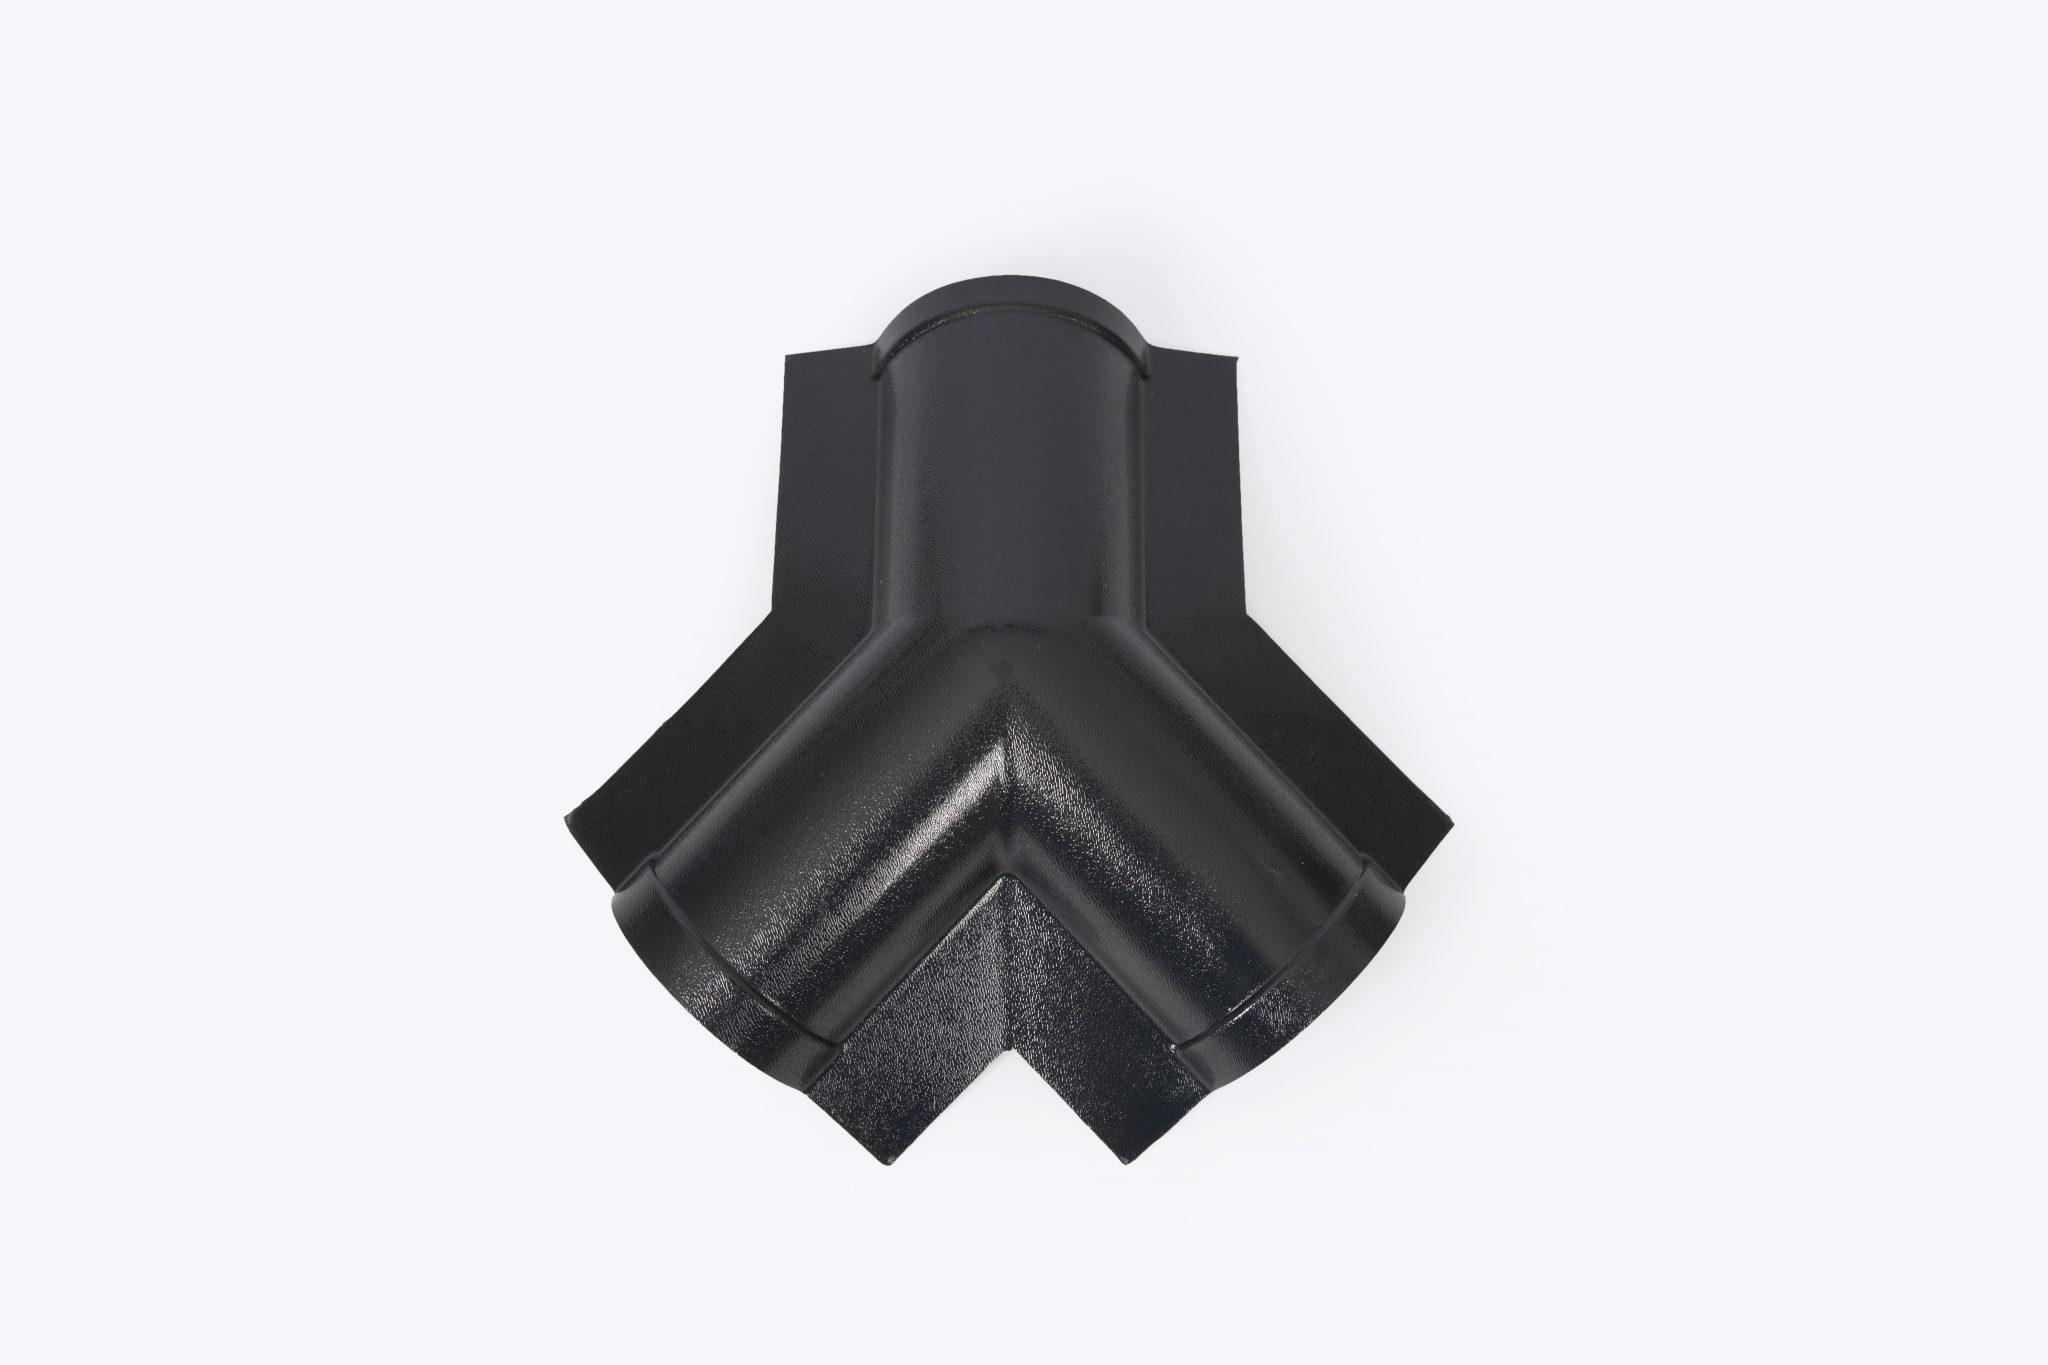 weikhoplex 3-weg broekstuk antraciet